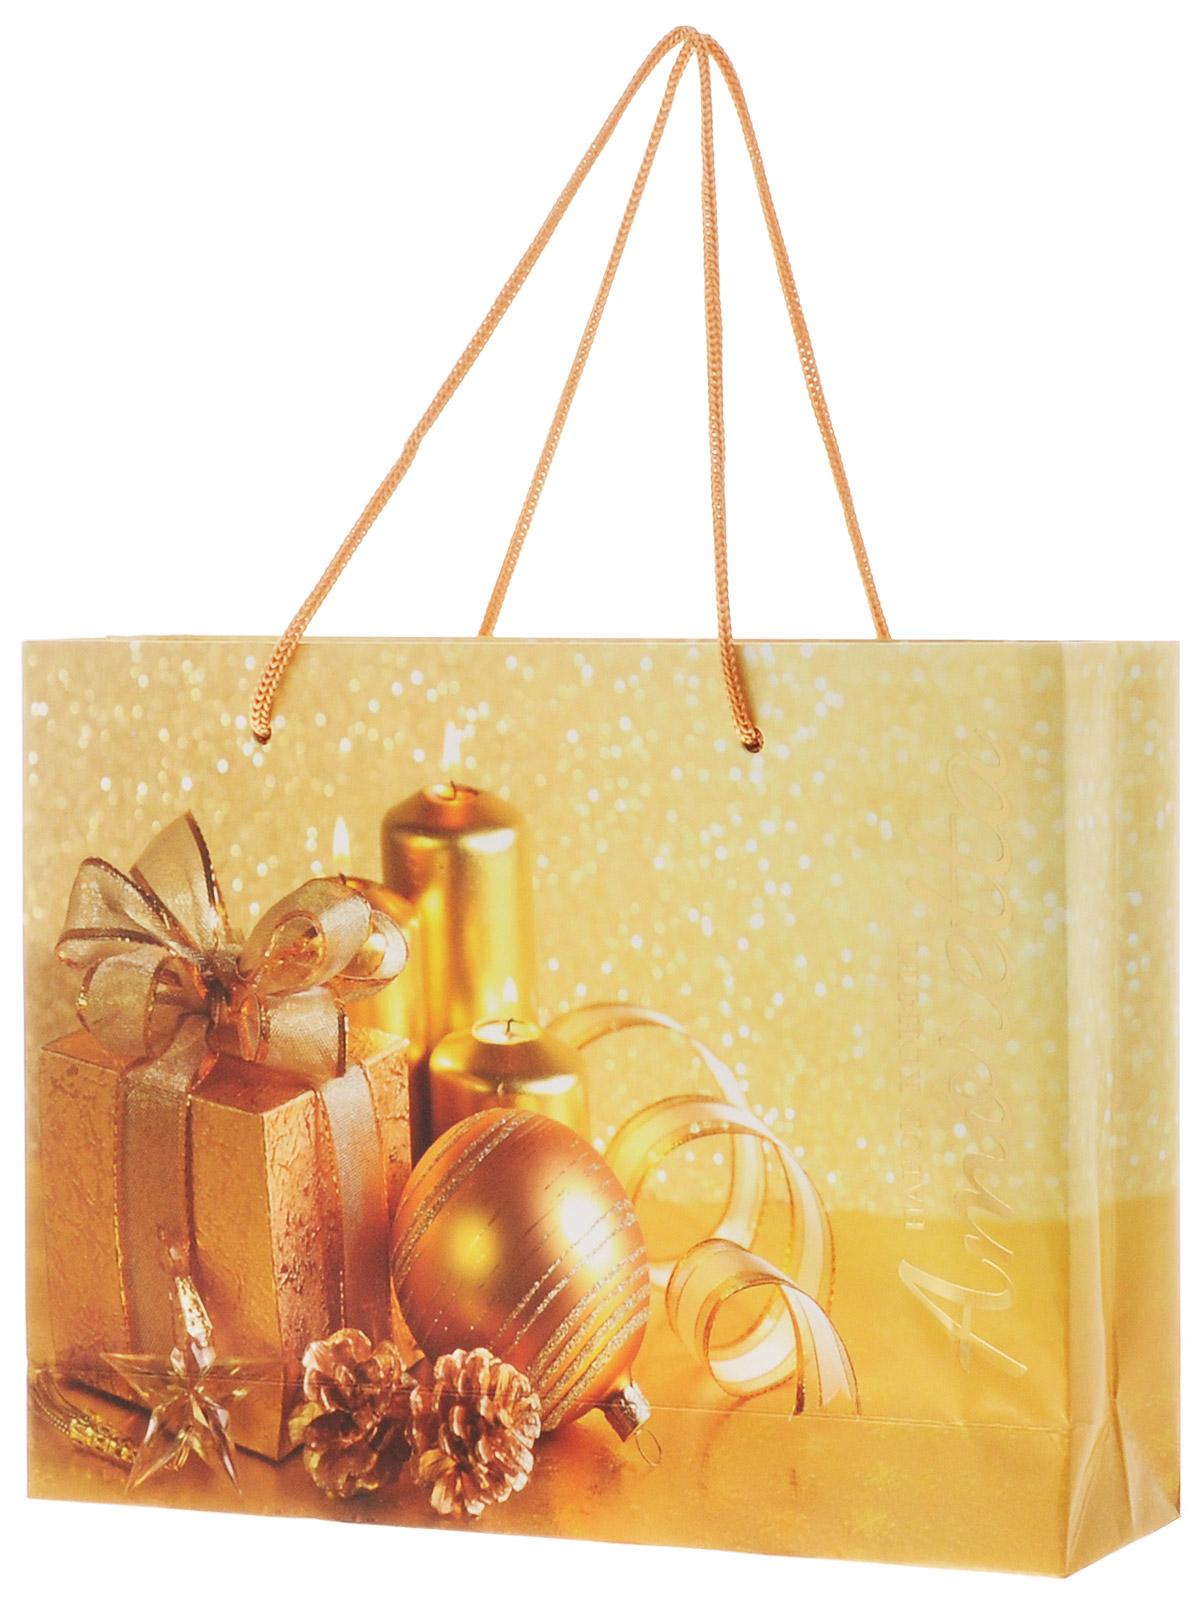 Mieszko Конфеты Аморетта Новый год, в подарочном пакете, 324 г4607039270853Шоколадные конфеты Аморетта Классик, это ассорти изысканных шоколадных конфеты из качественного шоколада с различными благородными начинками. Интенсивные начинки в каждой шоколадной конфете непременно придутся по вкусу настоящим ценителям качественного шоколада. Благородная упаковка делает эти конфеты не только прекрасным лакомством, но и отличным подарком для своих близких.